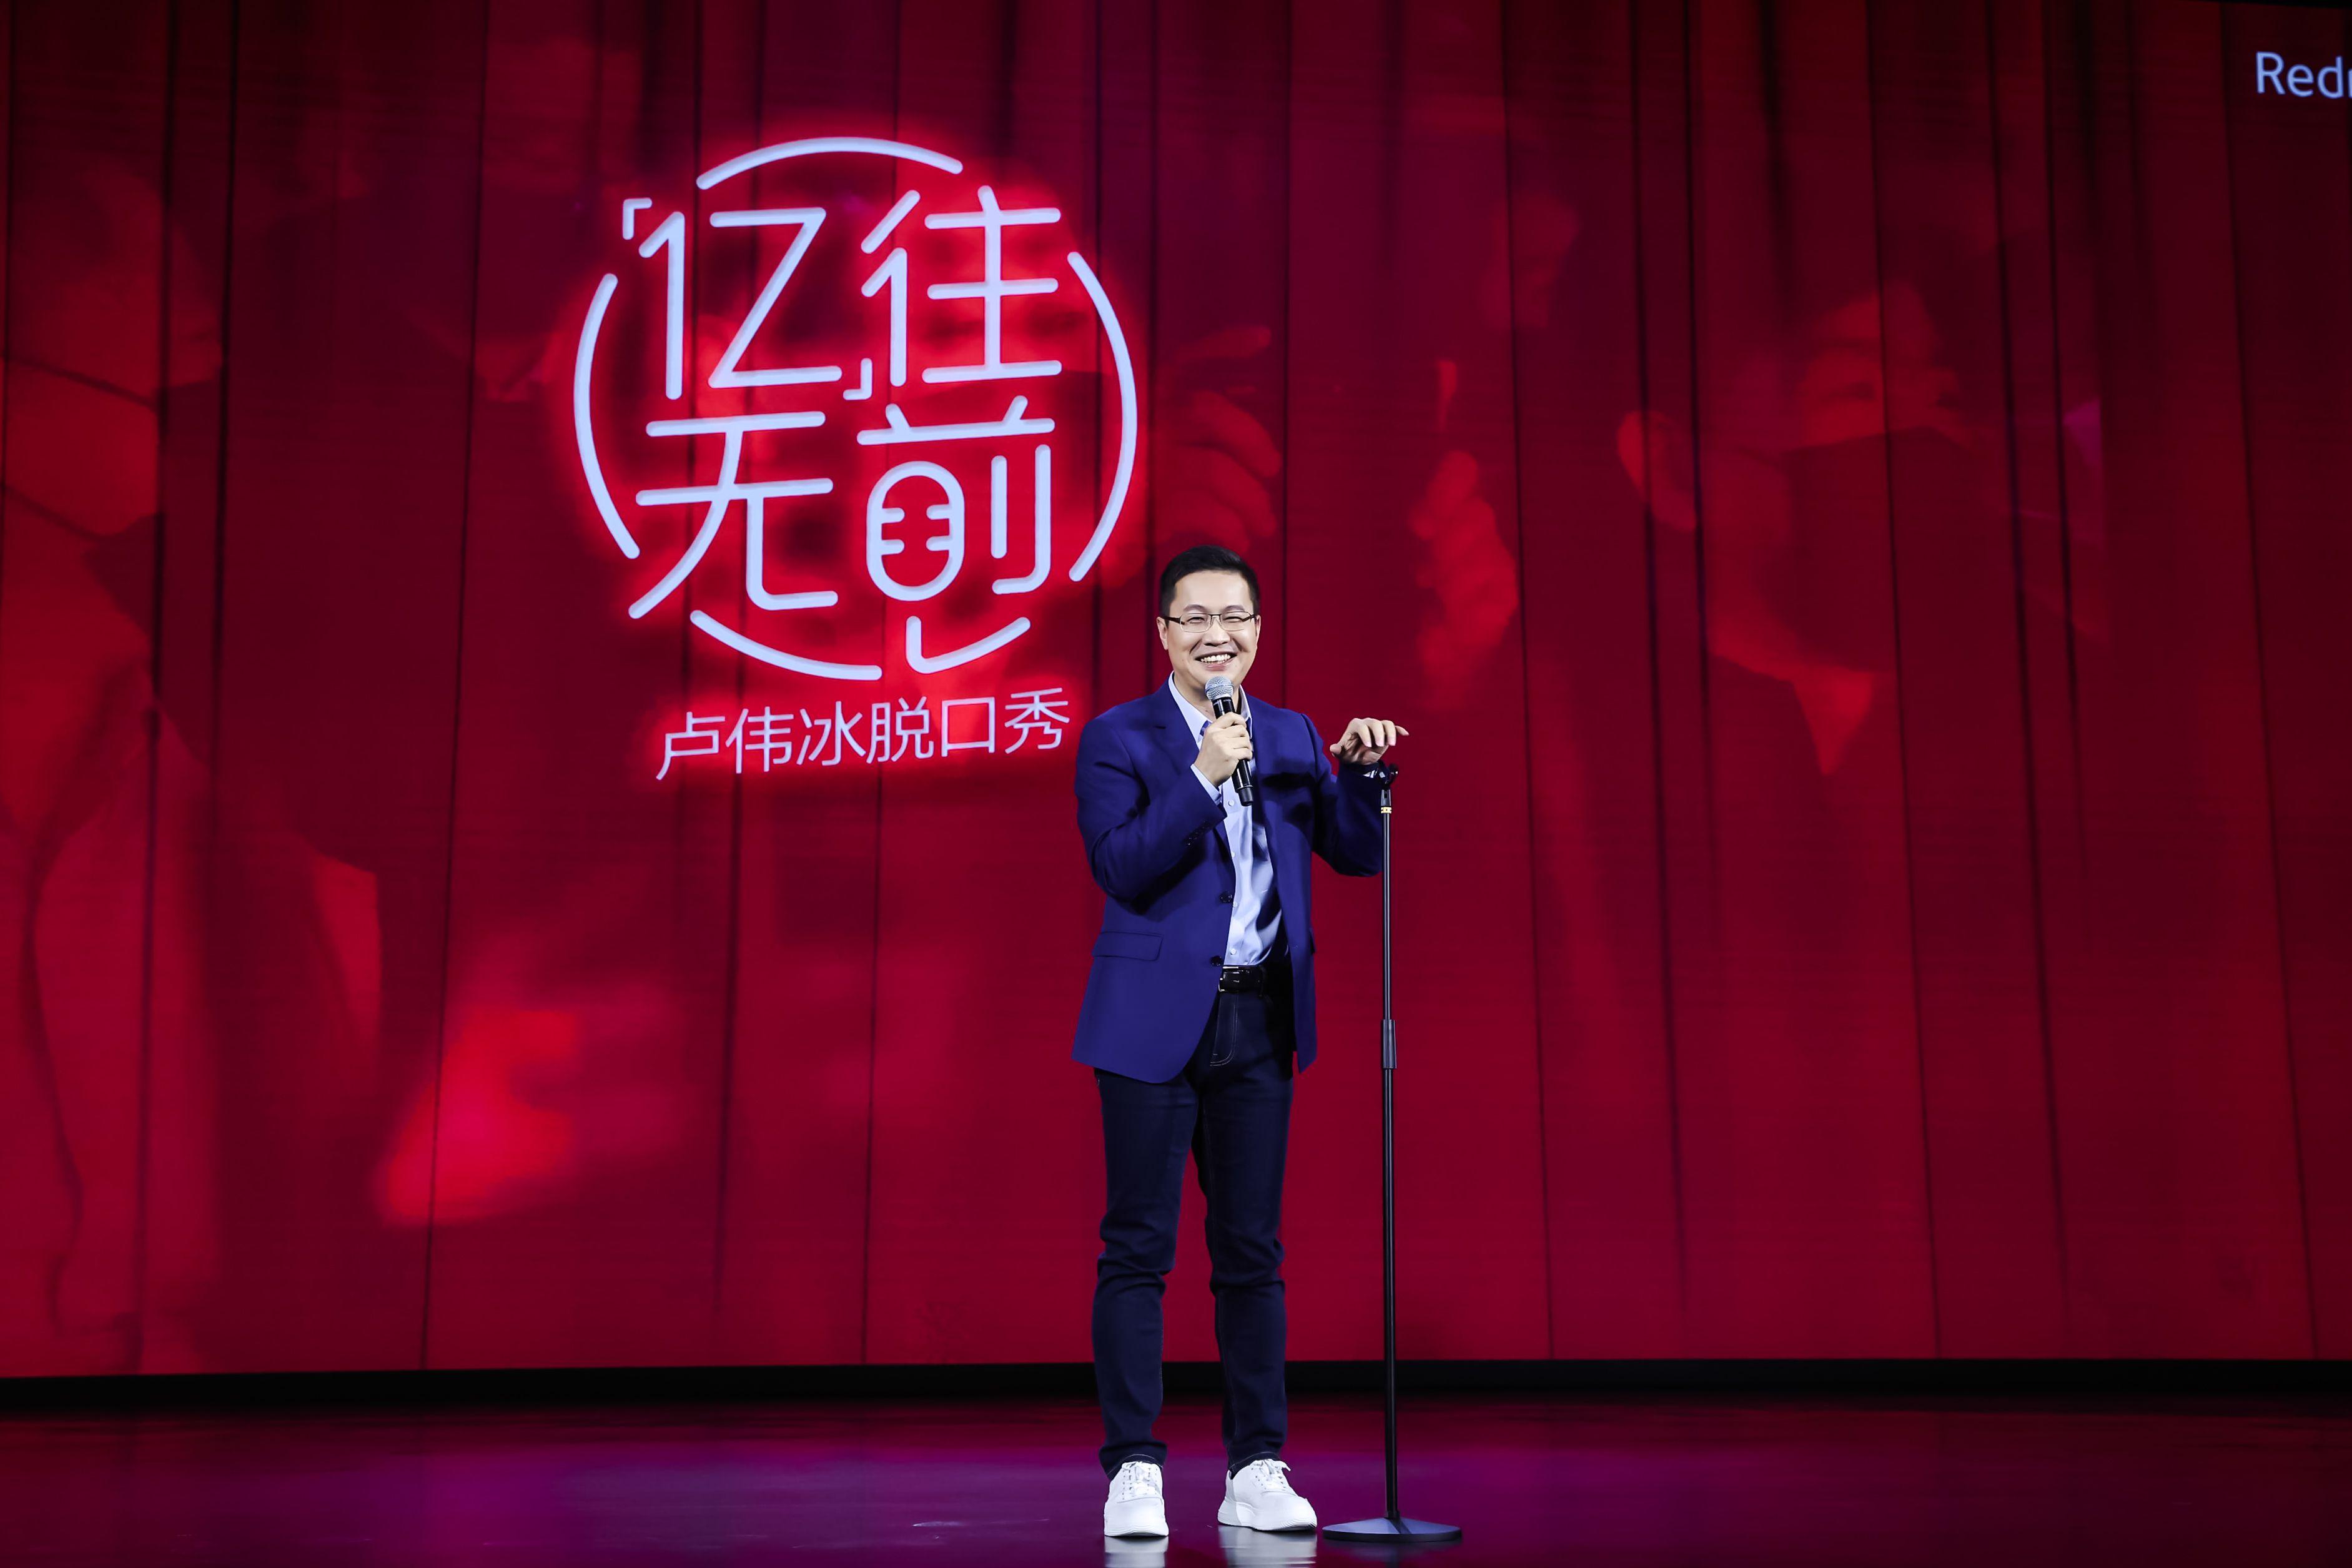 卢伟冰:小米之家明年要开到每个县城,加快县级市场下沉丨钛快讯